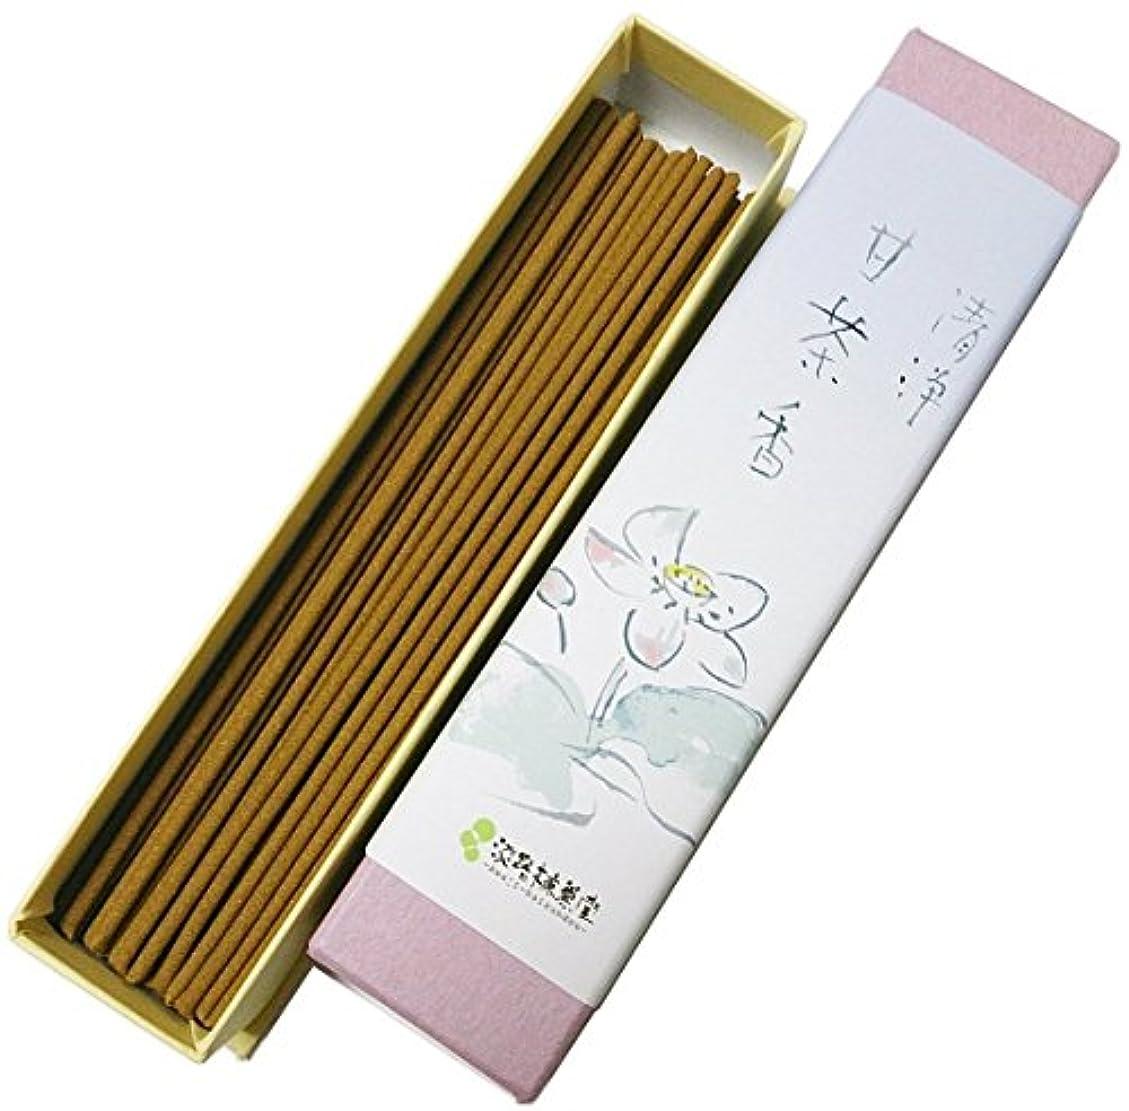 打ち上げるばかげた超える淡路梅薫堂の浄化お香 清浄甘茶香 18g #31 ×100 japanese incense sticks